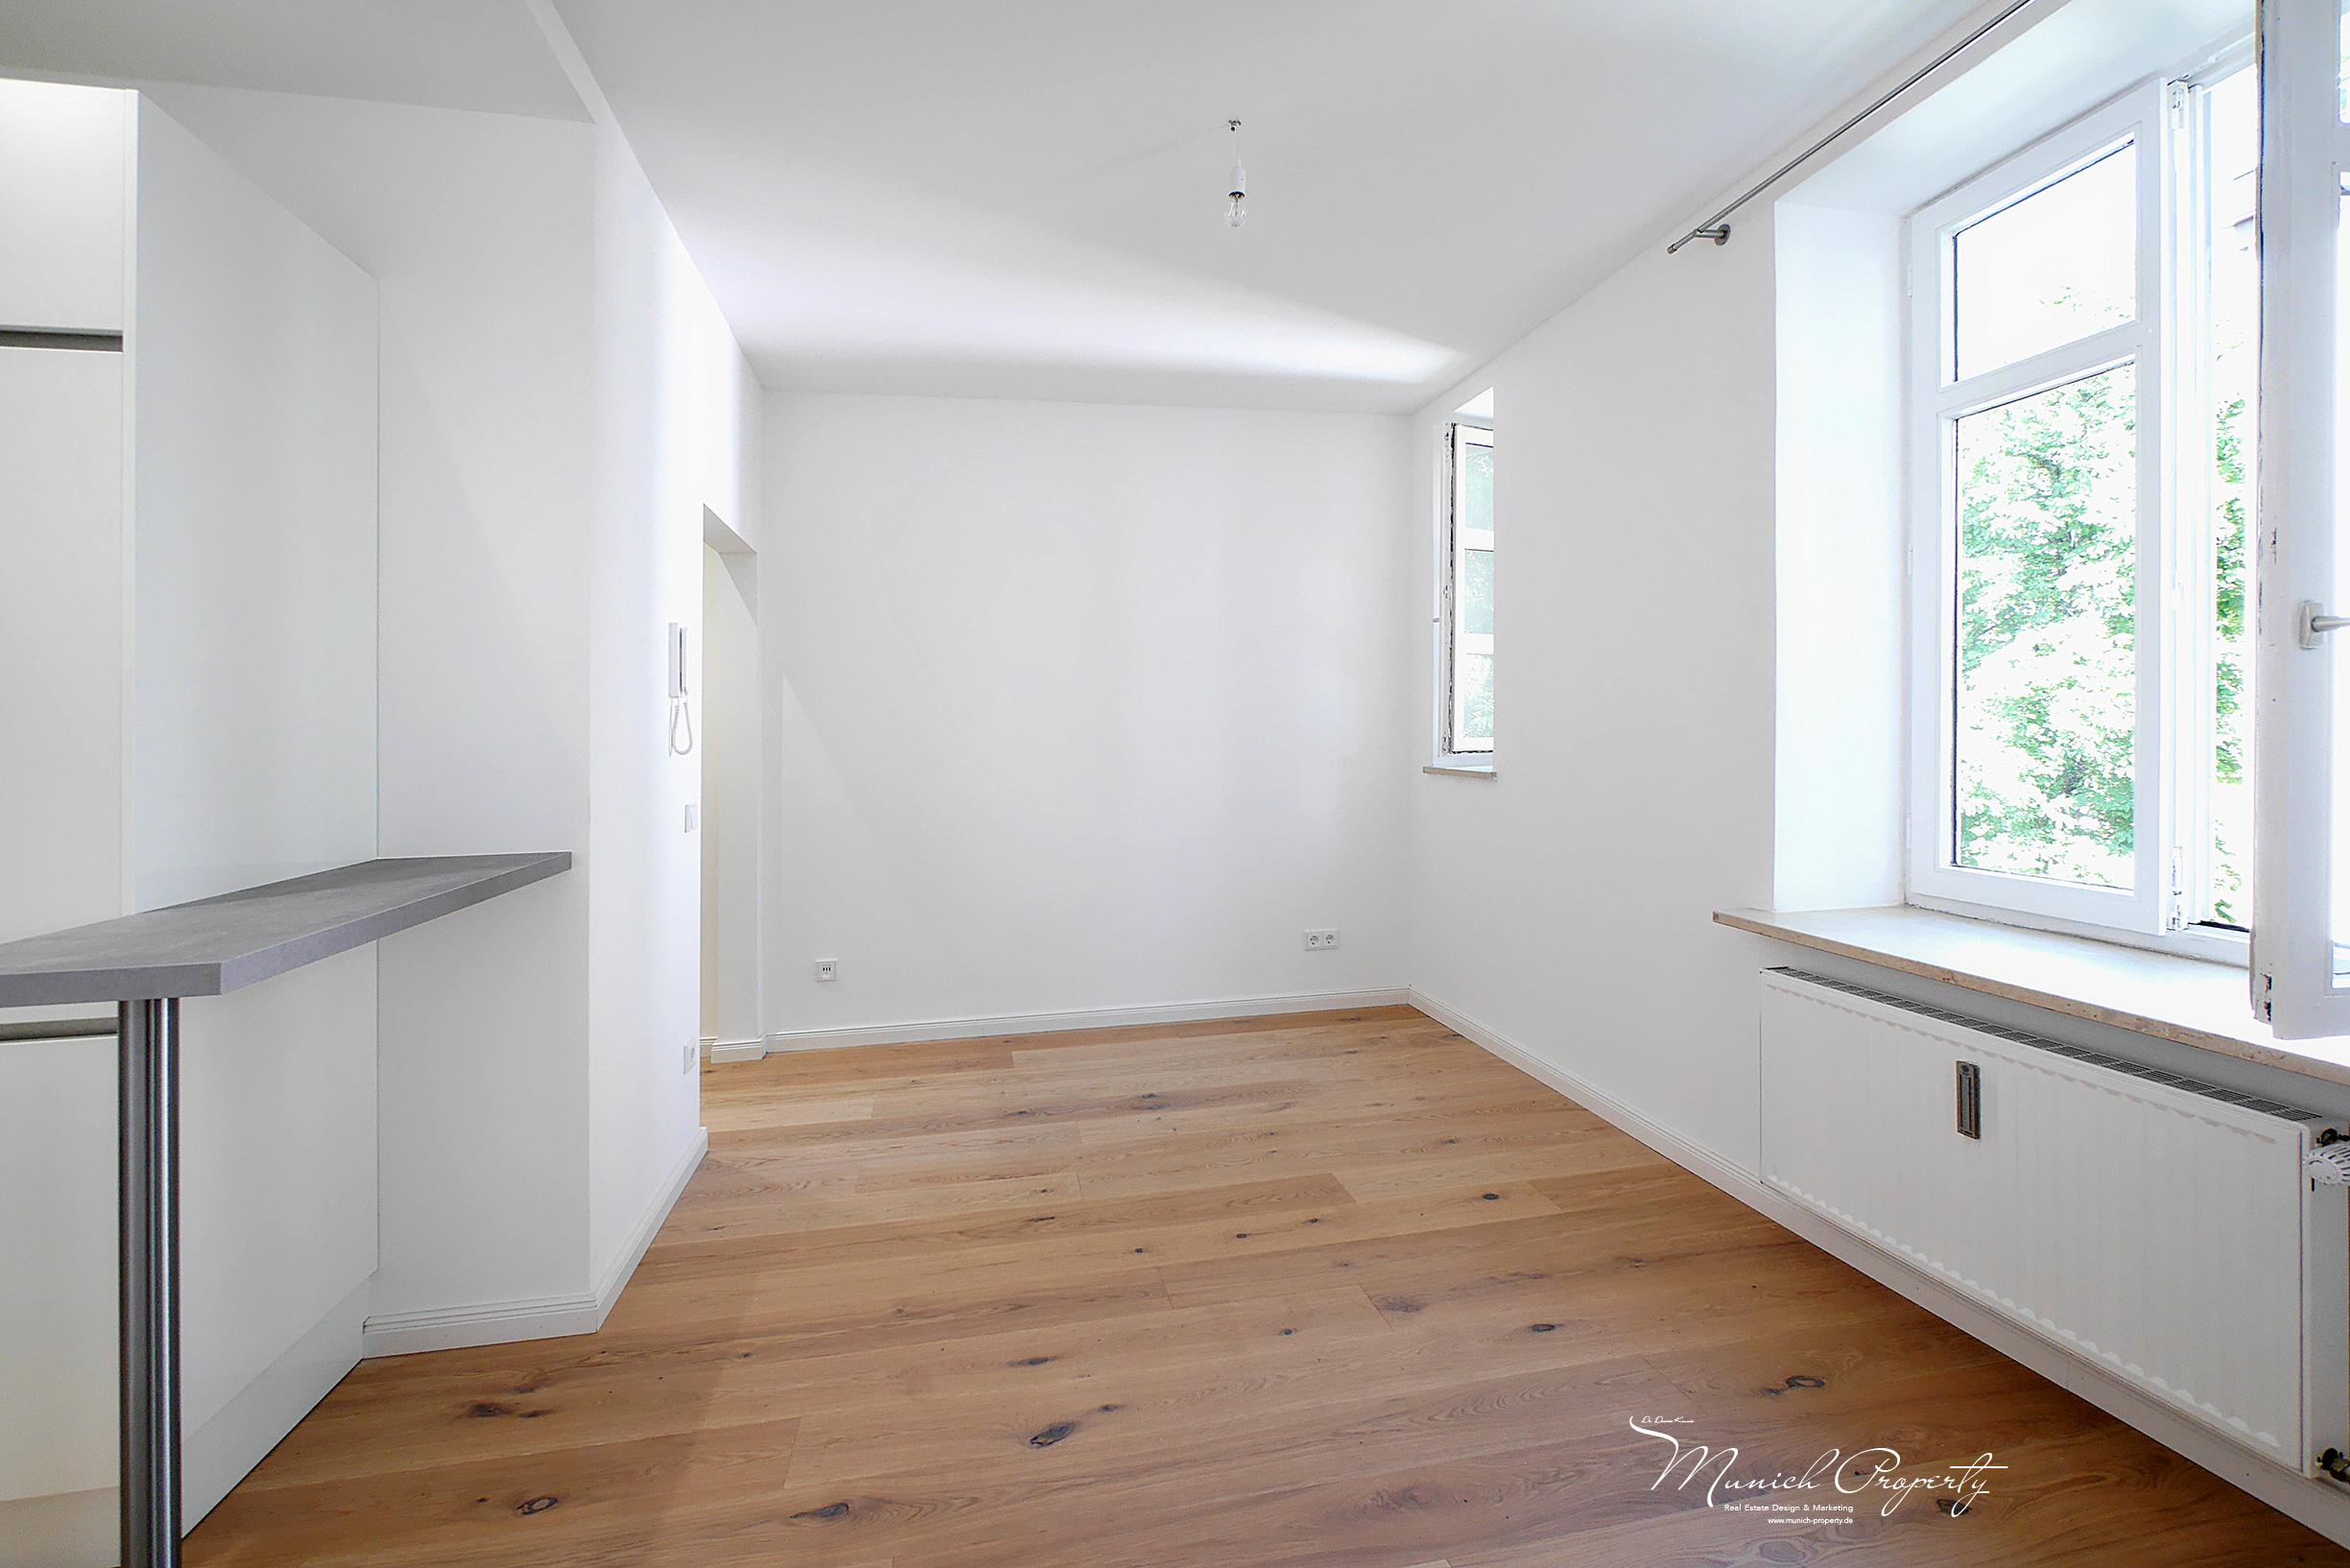 Wohnung Mieten Mnchen Westend Schwanthalerhhe 2 Zimmer Altbau Wohnzimmer